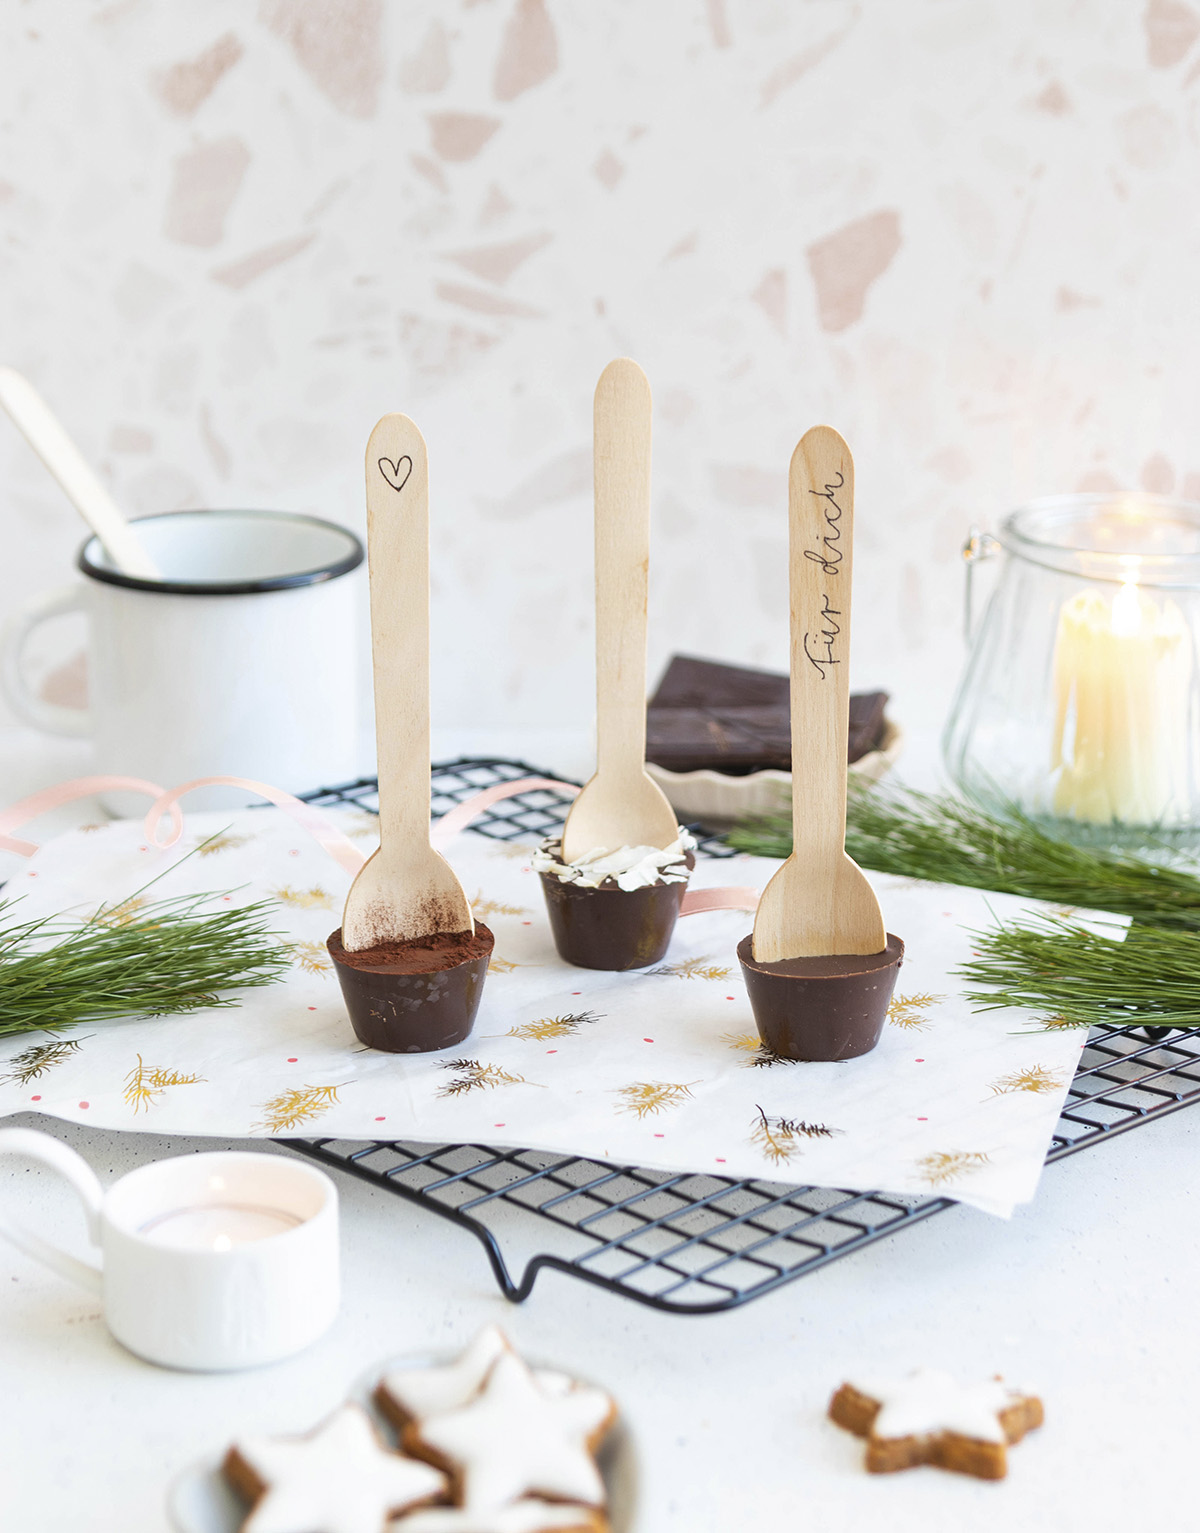 missredfox - 12giftswithlovegoesxmas - 9 - Herr Letter - DIY Heiße Schokolade am Stiel Geschenk aus der Küche 2